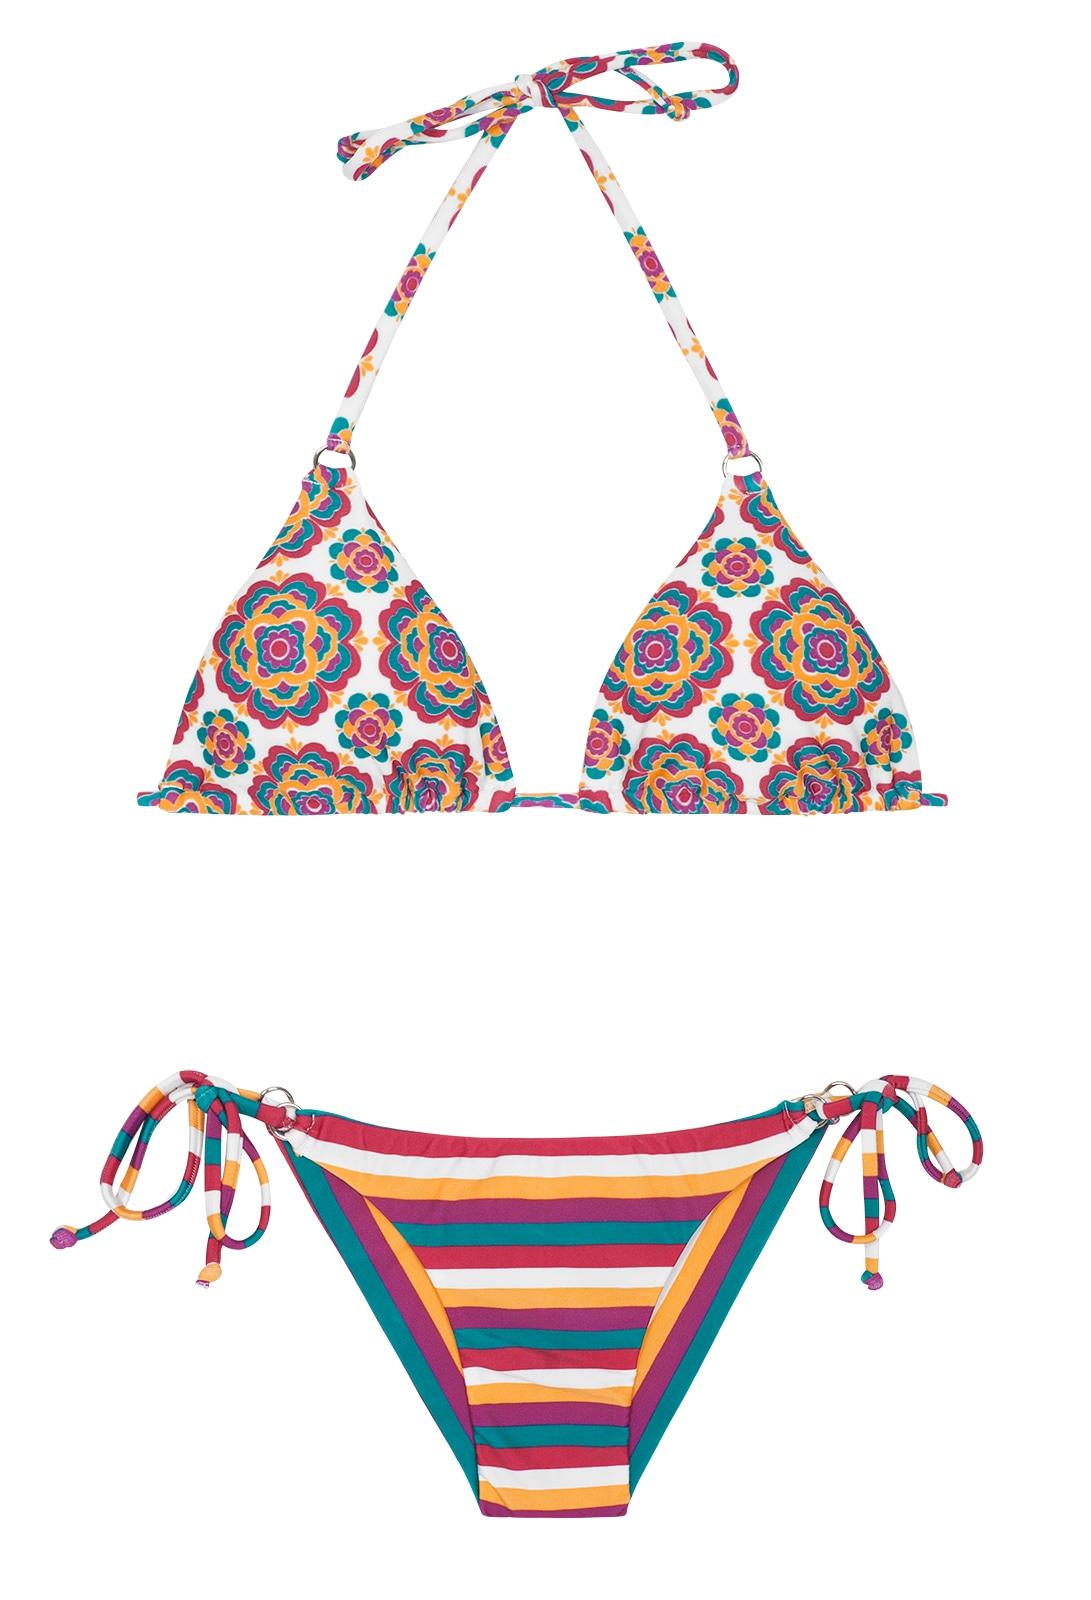 56a587414 Bikinis Bikini Brasileño Retro rayado - Beira Rio Cheeky